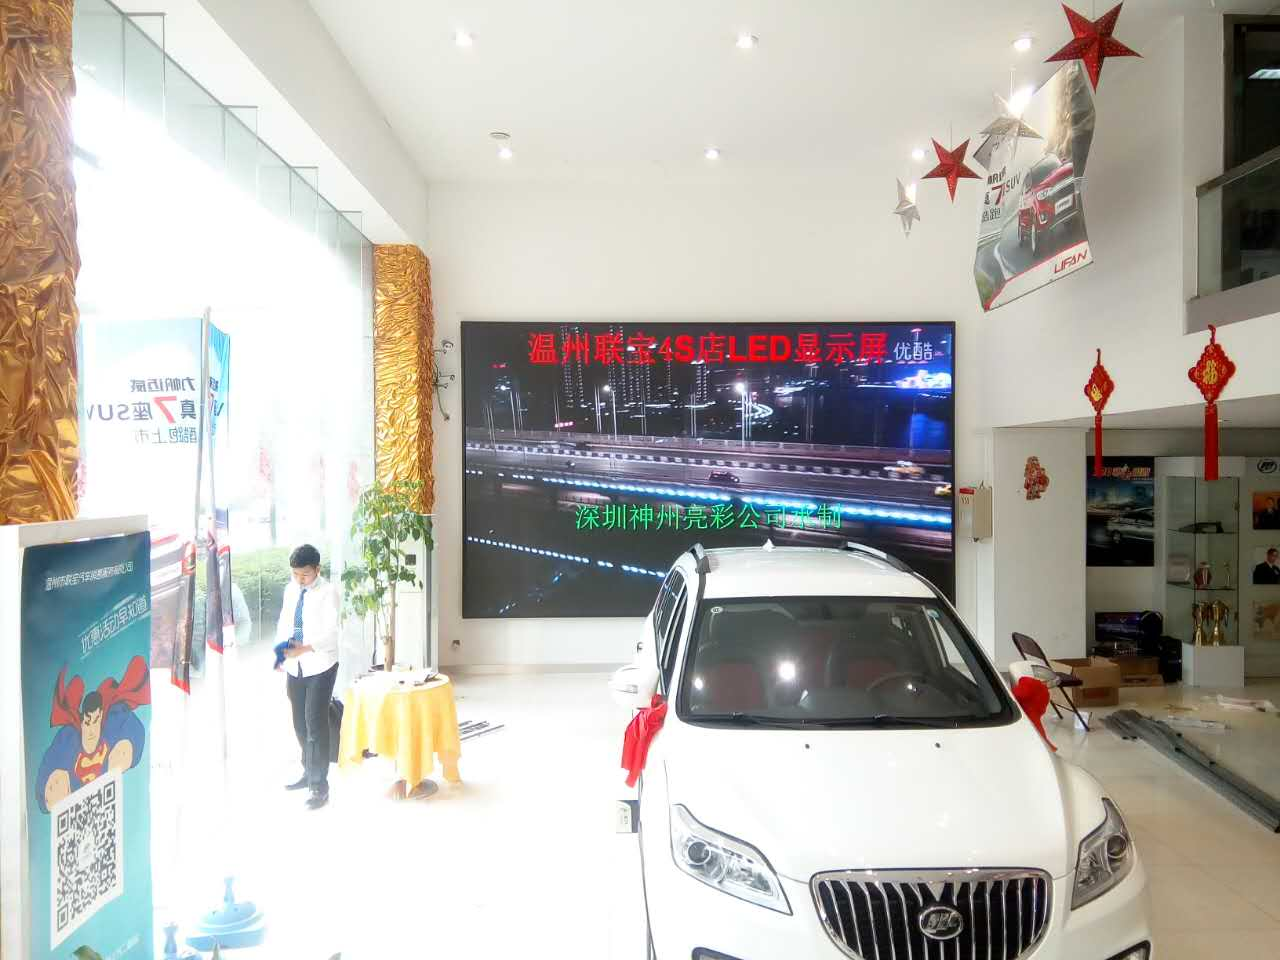 室内P3彩色LED屏-专业P3LED显示屏供应商当属神州